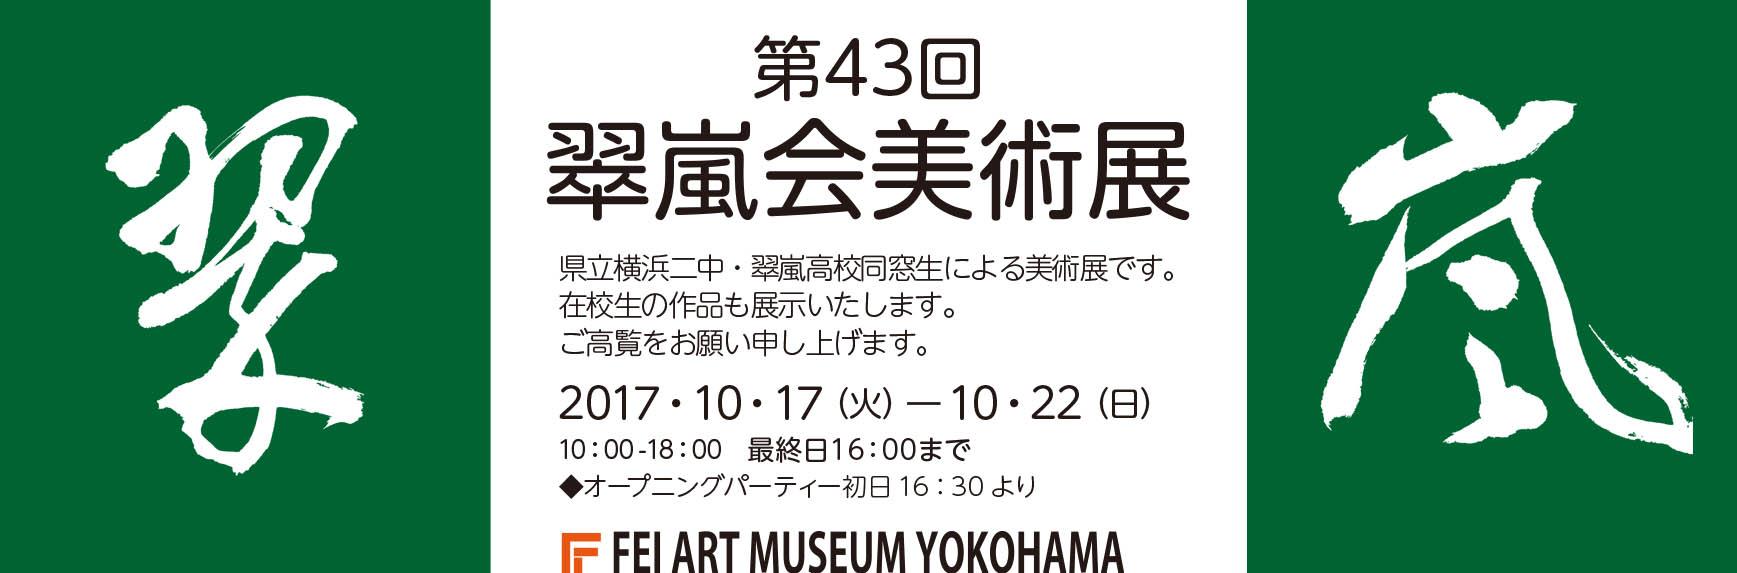 第43回 翠嵐会美術展